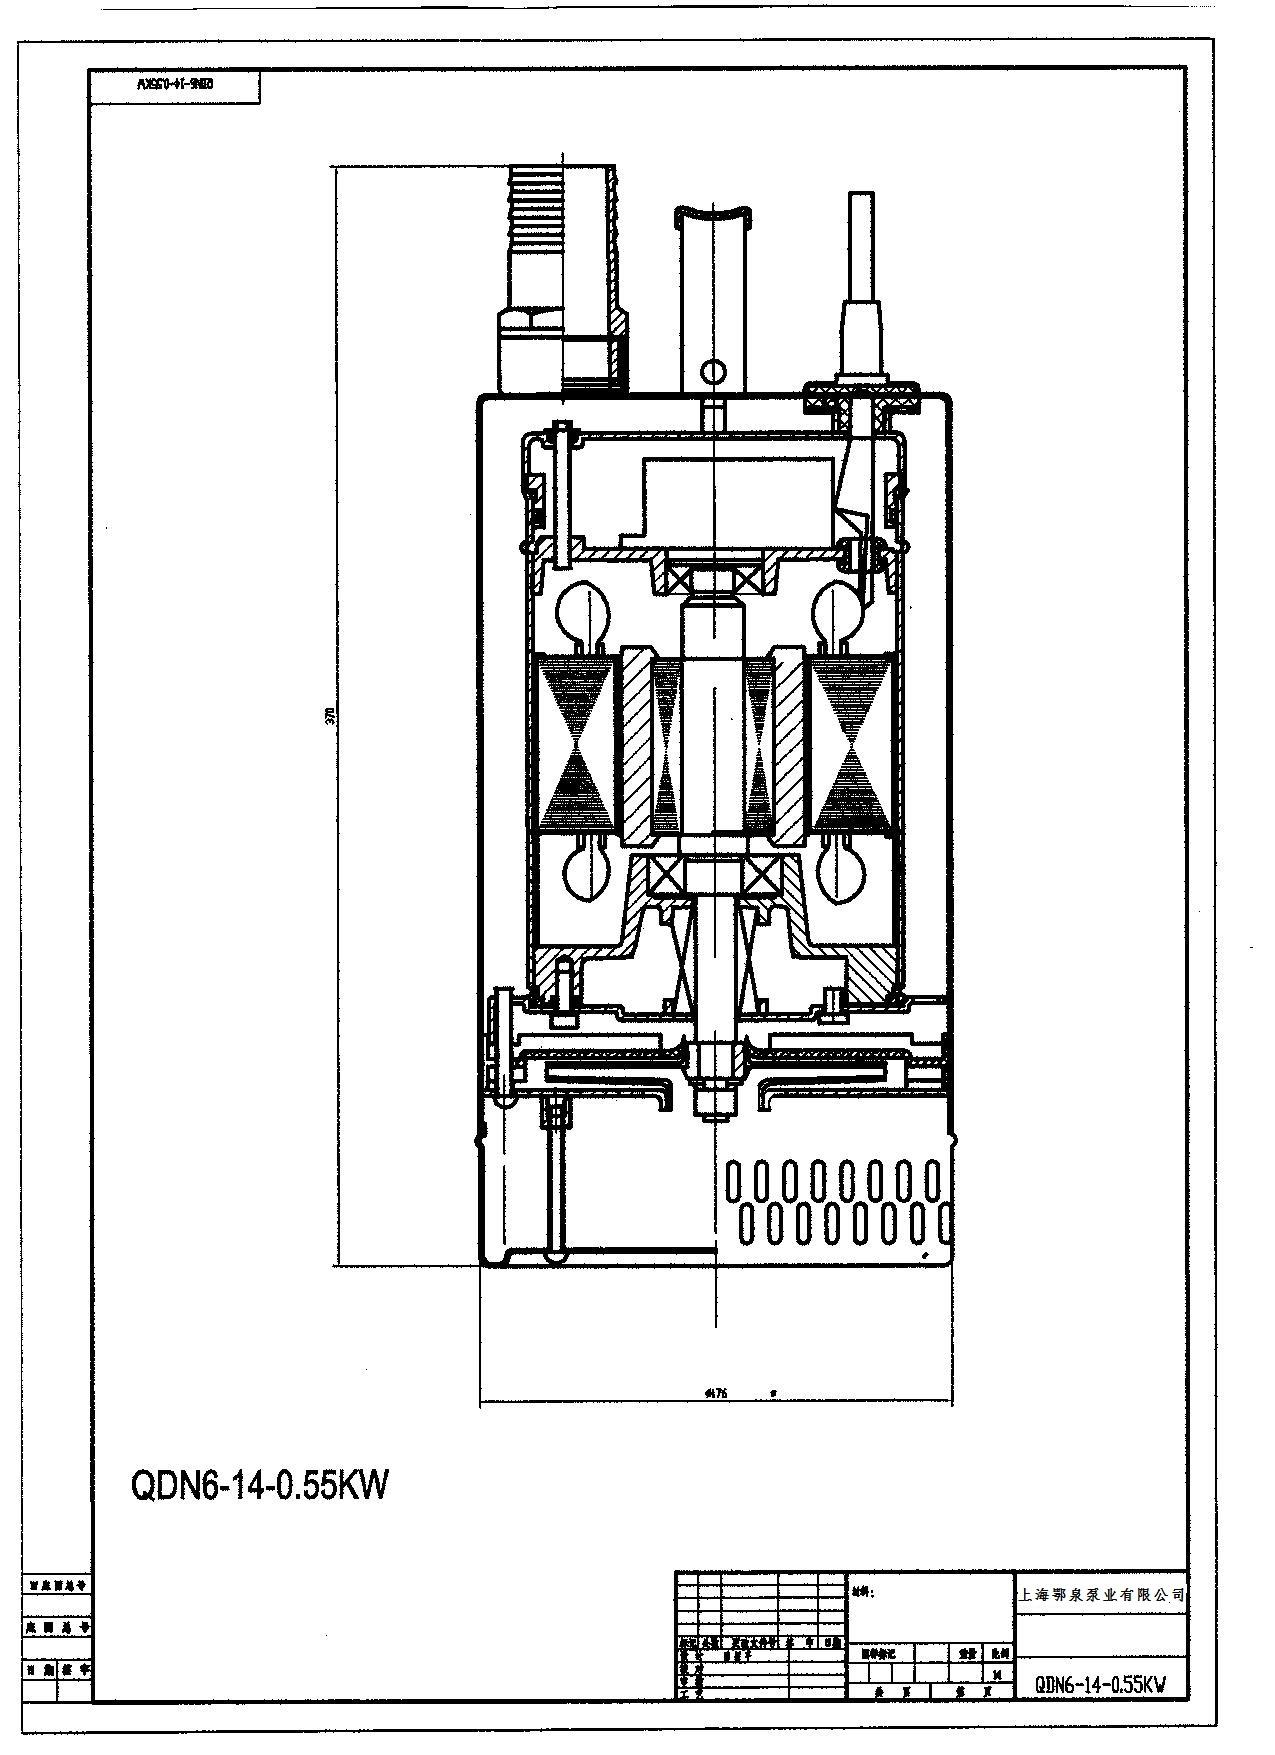 QDN小型不锈钢潜水泵介绍: QDN6-14-0.55手提式小型不锈钢潜水泵使用单(三)相电源,密封件采用特殊材料,耐腐蚀性较强,噪声小,使用寿命长,主要应用于国家节水—滴灌、喷灌和微灌工程,深层水源提供、高层建筑饮用水供给,及净化机上使用。 此外,家用不锈钢潜水泵采用内装式不锈钢结构,具有体积小,外观美,防锈、耐腐蚀,一般酸碱海水都能使用。(PH值1~10)适用于医药、食品等行业。QDN全自动不锈钢潜水泵是带浮球的全自动清水潜水泵,具有自动控制液位,操作简便等优点。 QDN小型不锈钢潜水泵使